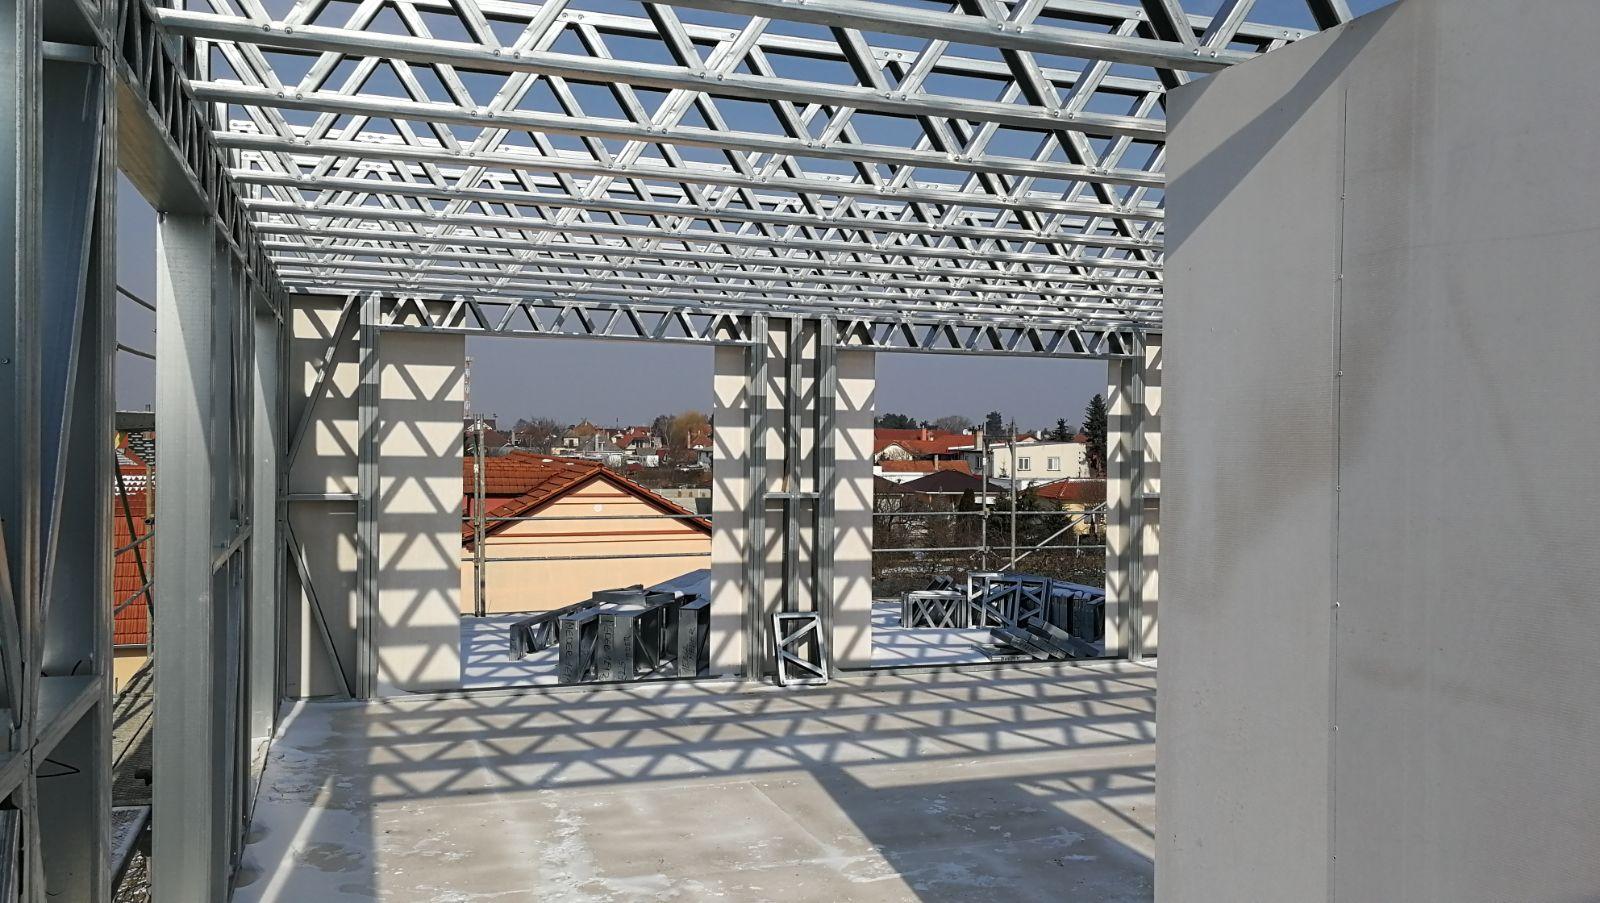 Pohlad-z-poschodia-nadstavby-bytoveho-domu-z-ocelovej-konstrukcie